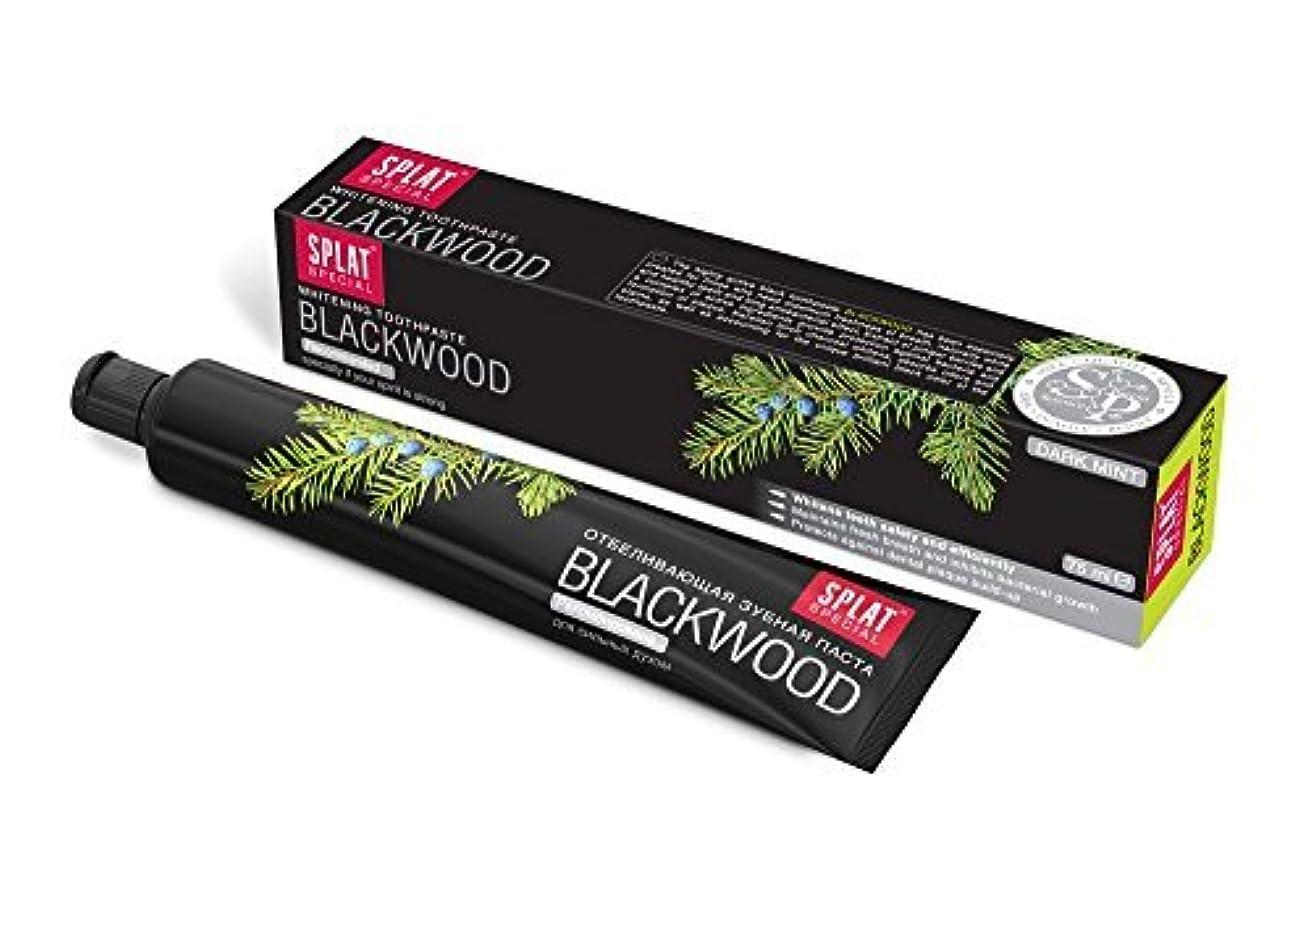 判読できないメンダシティ欲しいですSplat Blackwood Whitening Toothpaste by Splat [並行輸入品]